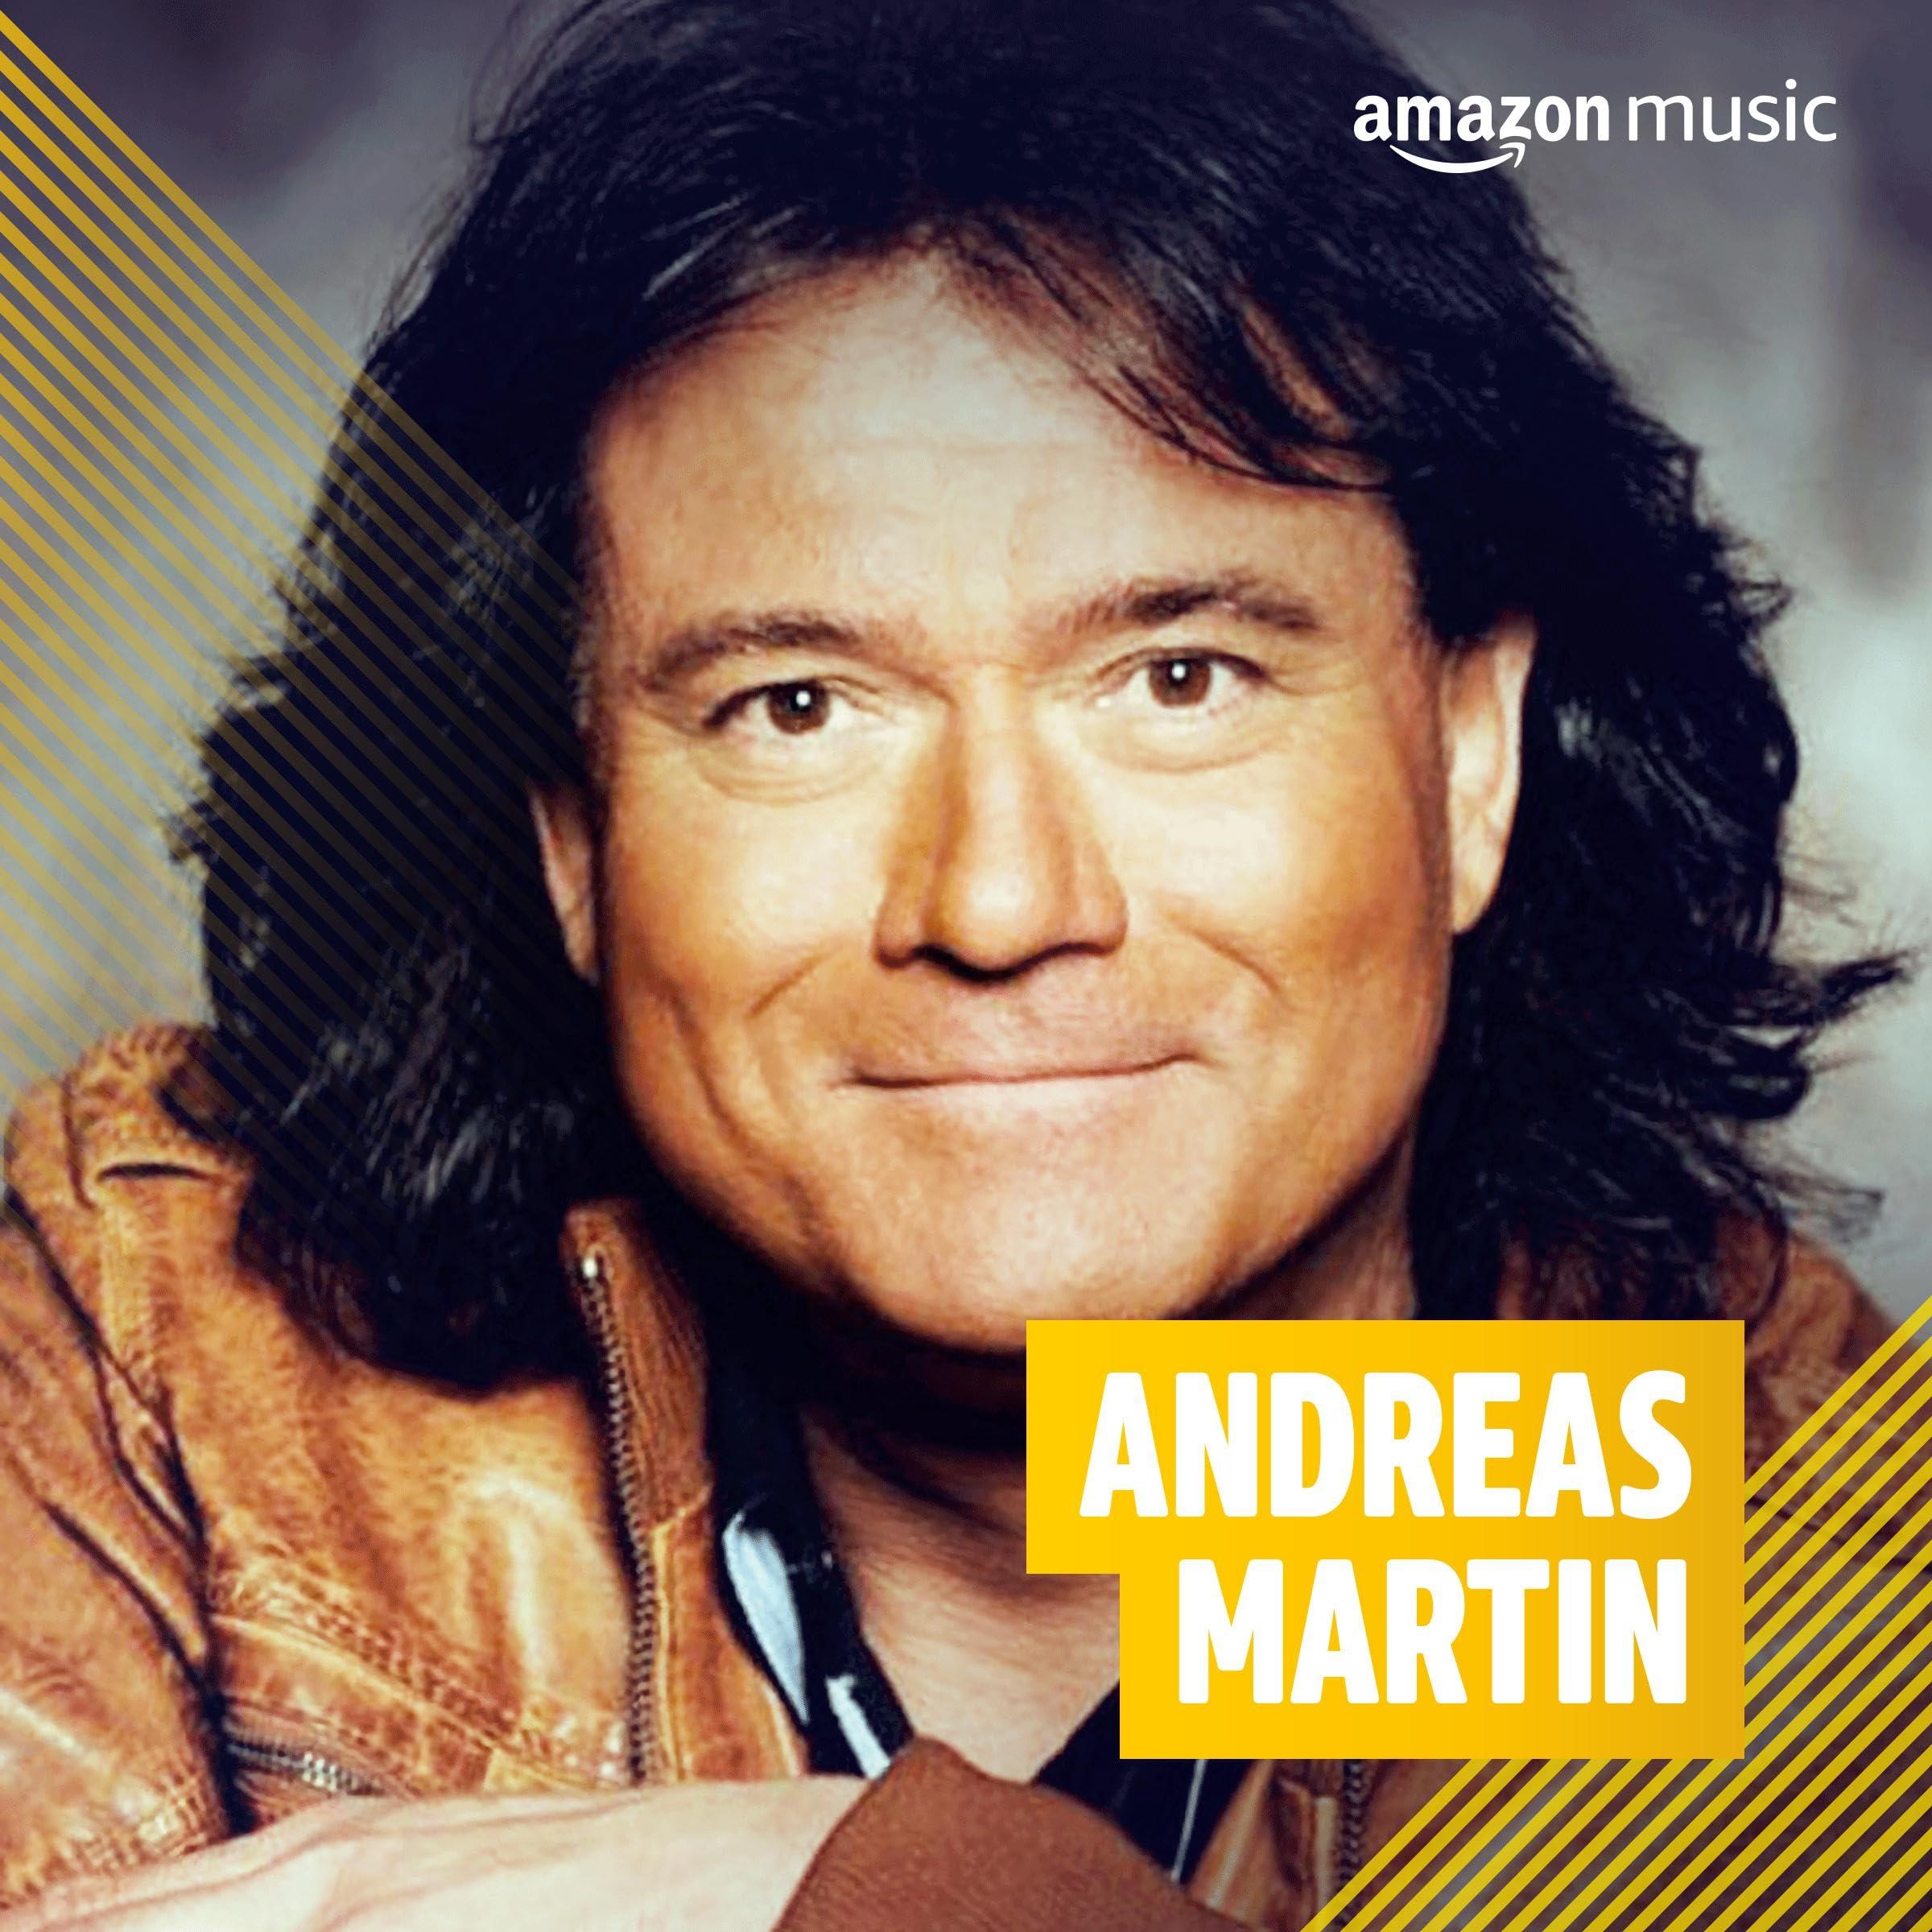 Andreas Martin